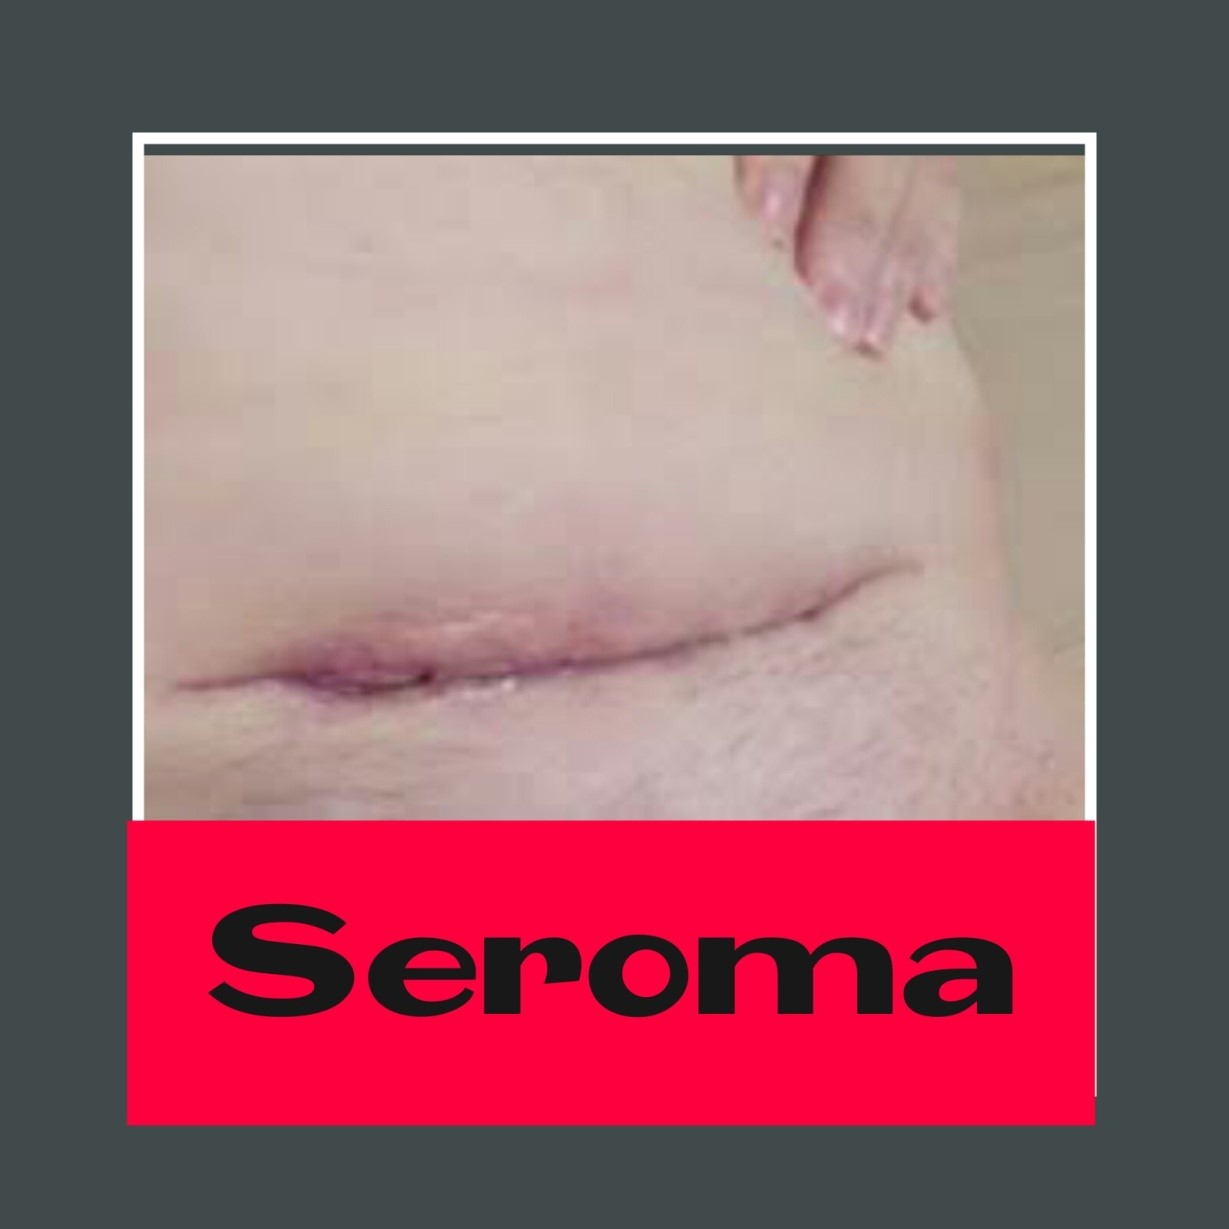 Como curar un seroma de cesarea en casa